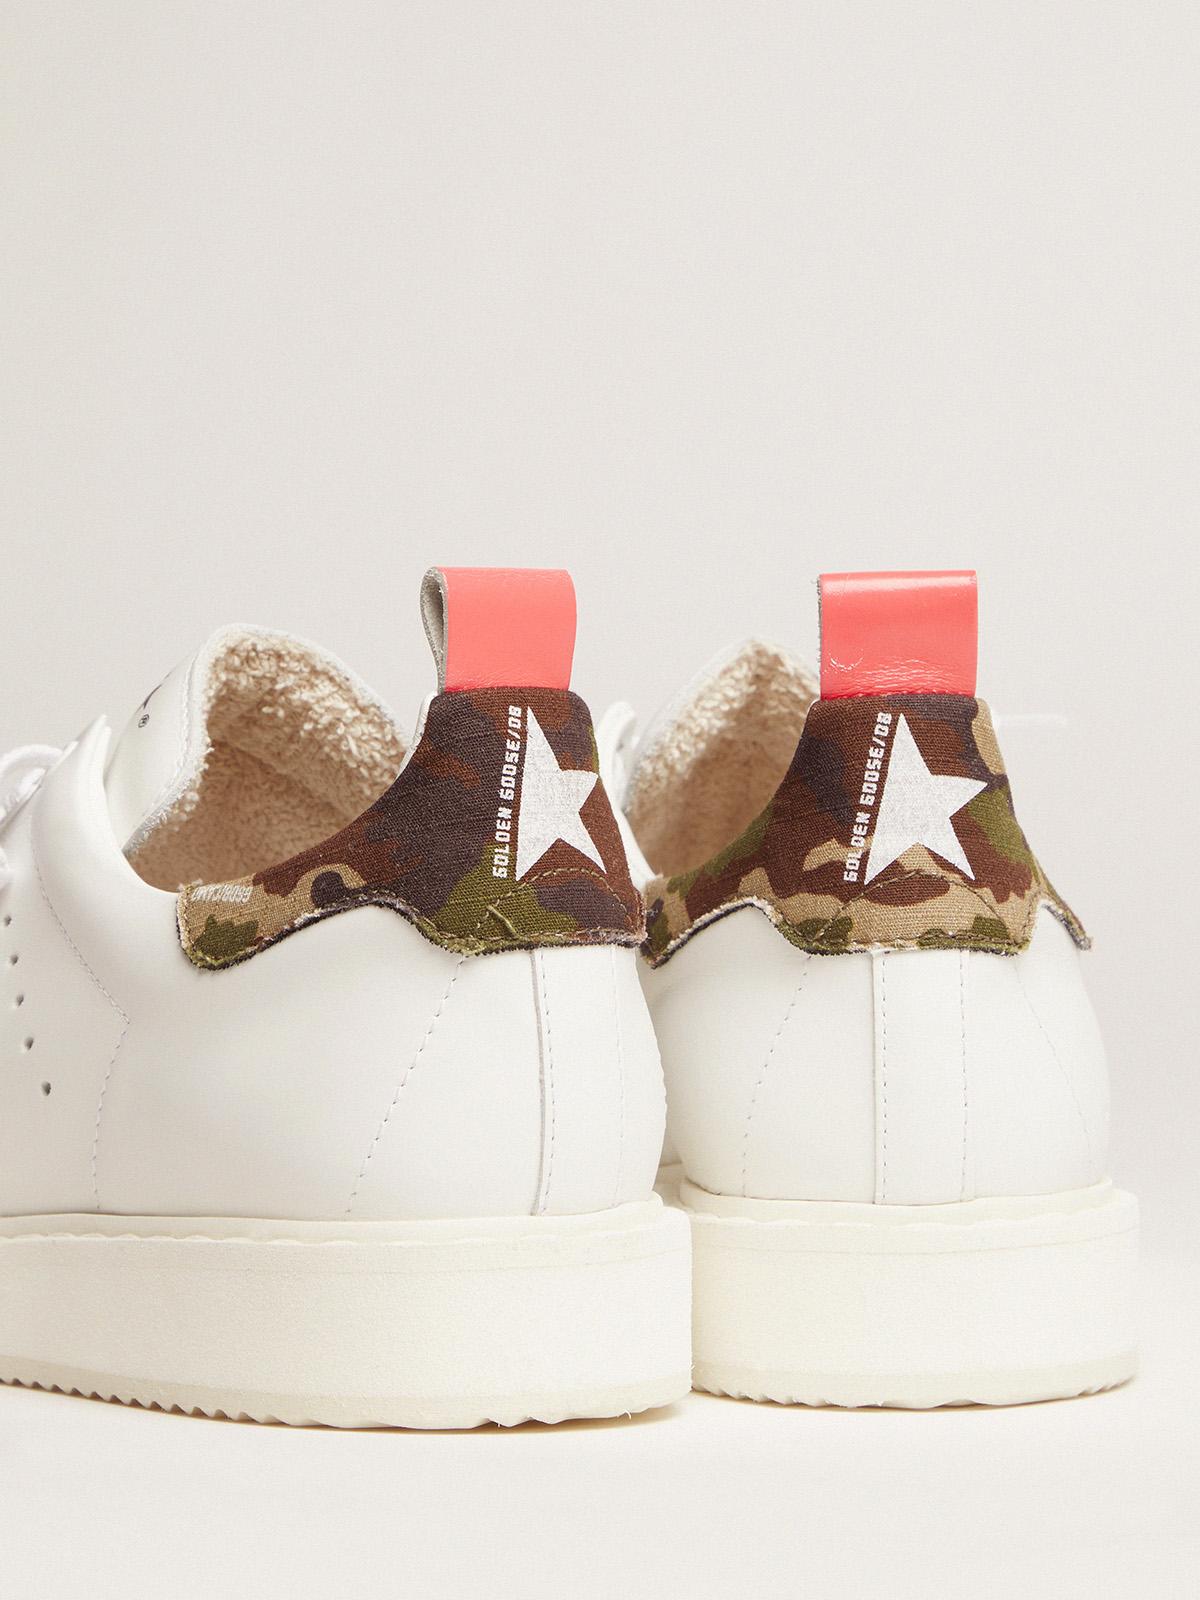 Golden Goose - Women's Starter sneakers with camouflage heel tab in